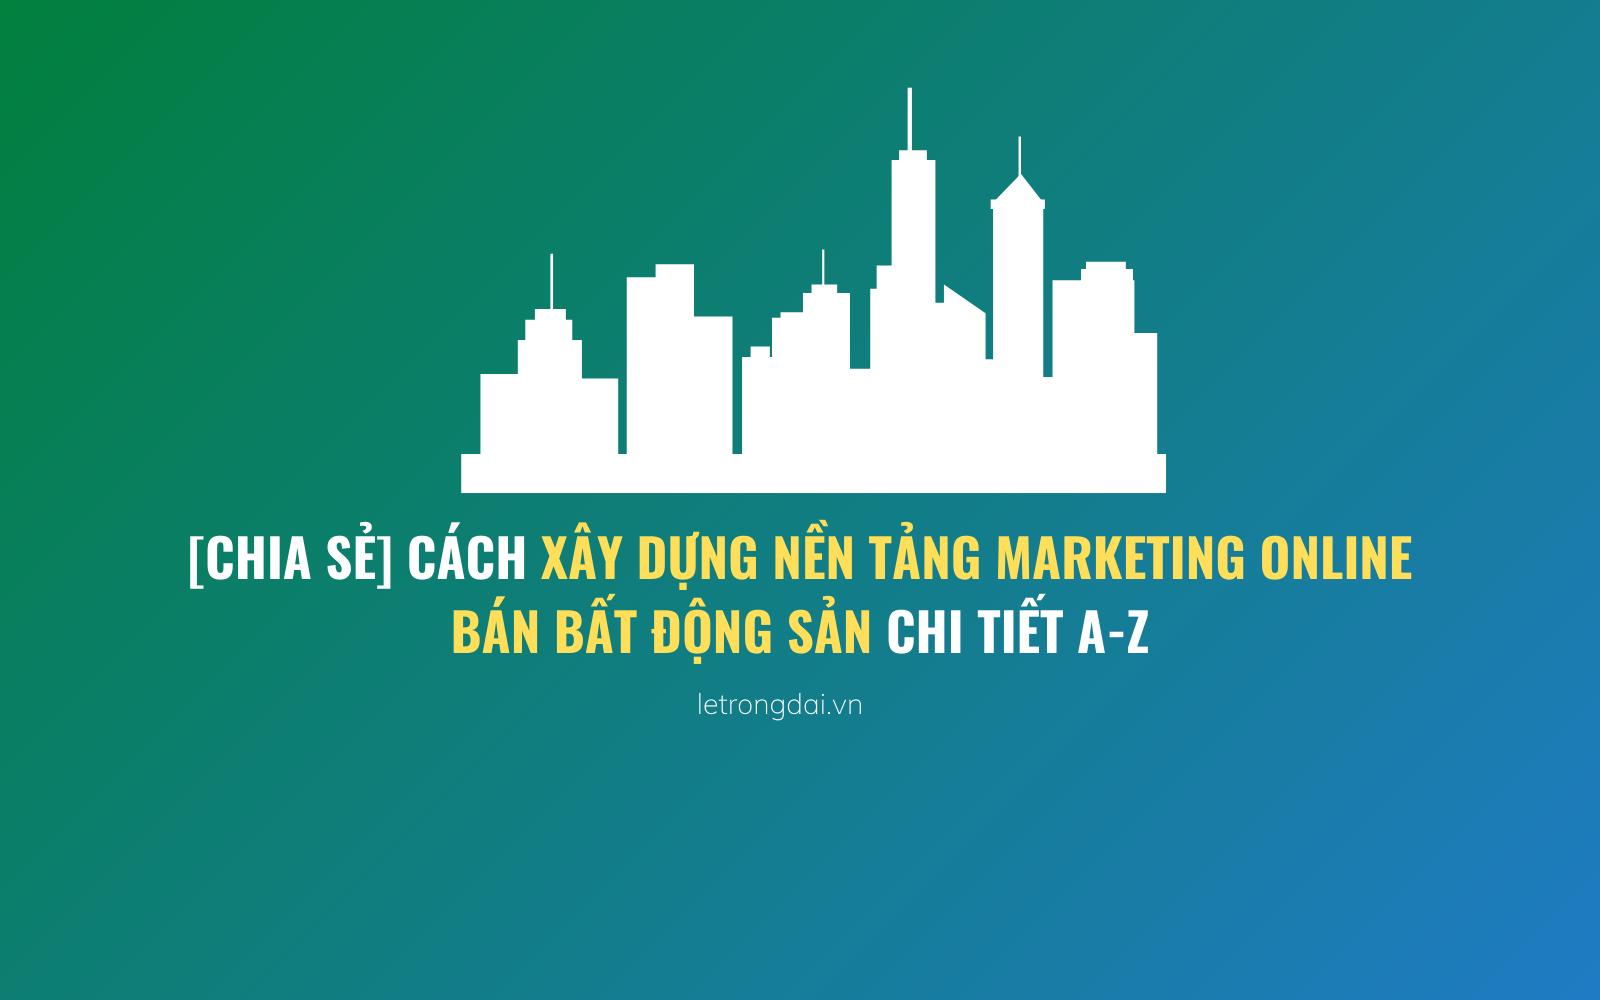 Cách Xây Dựng Nền Tảng Marketing Online Bán Bất động Sản